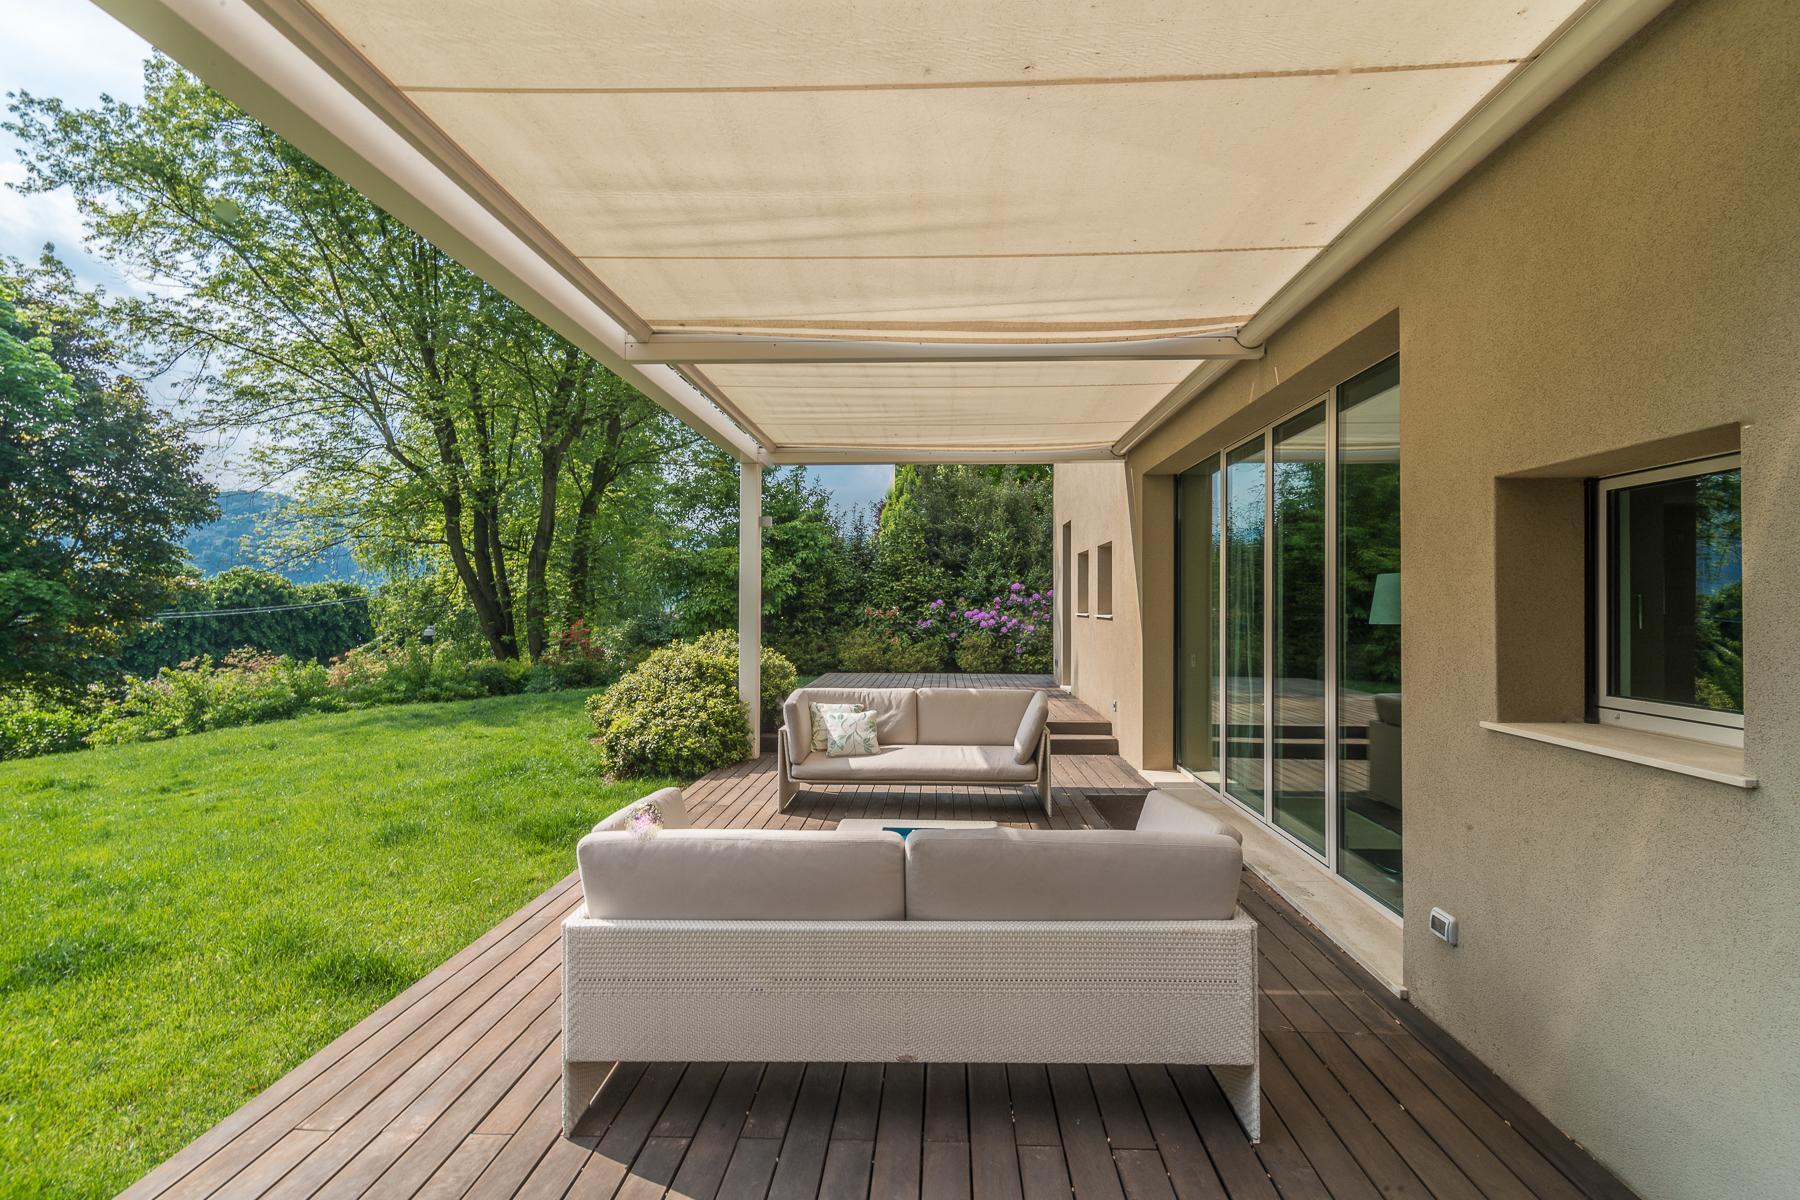 Villa di design eco sostenibile sul Lago Maggiore - 6